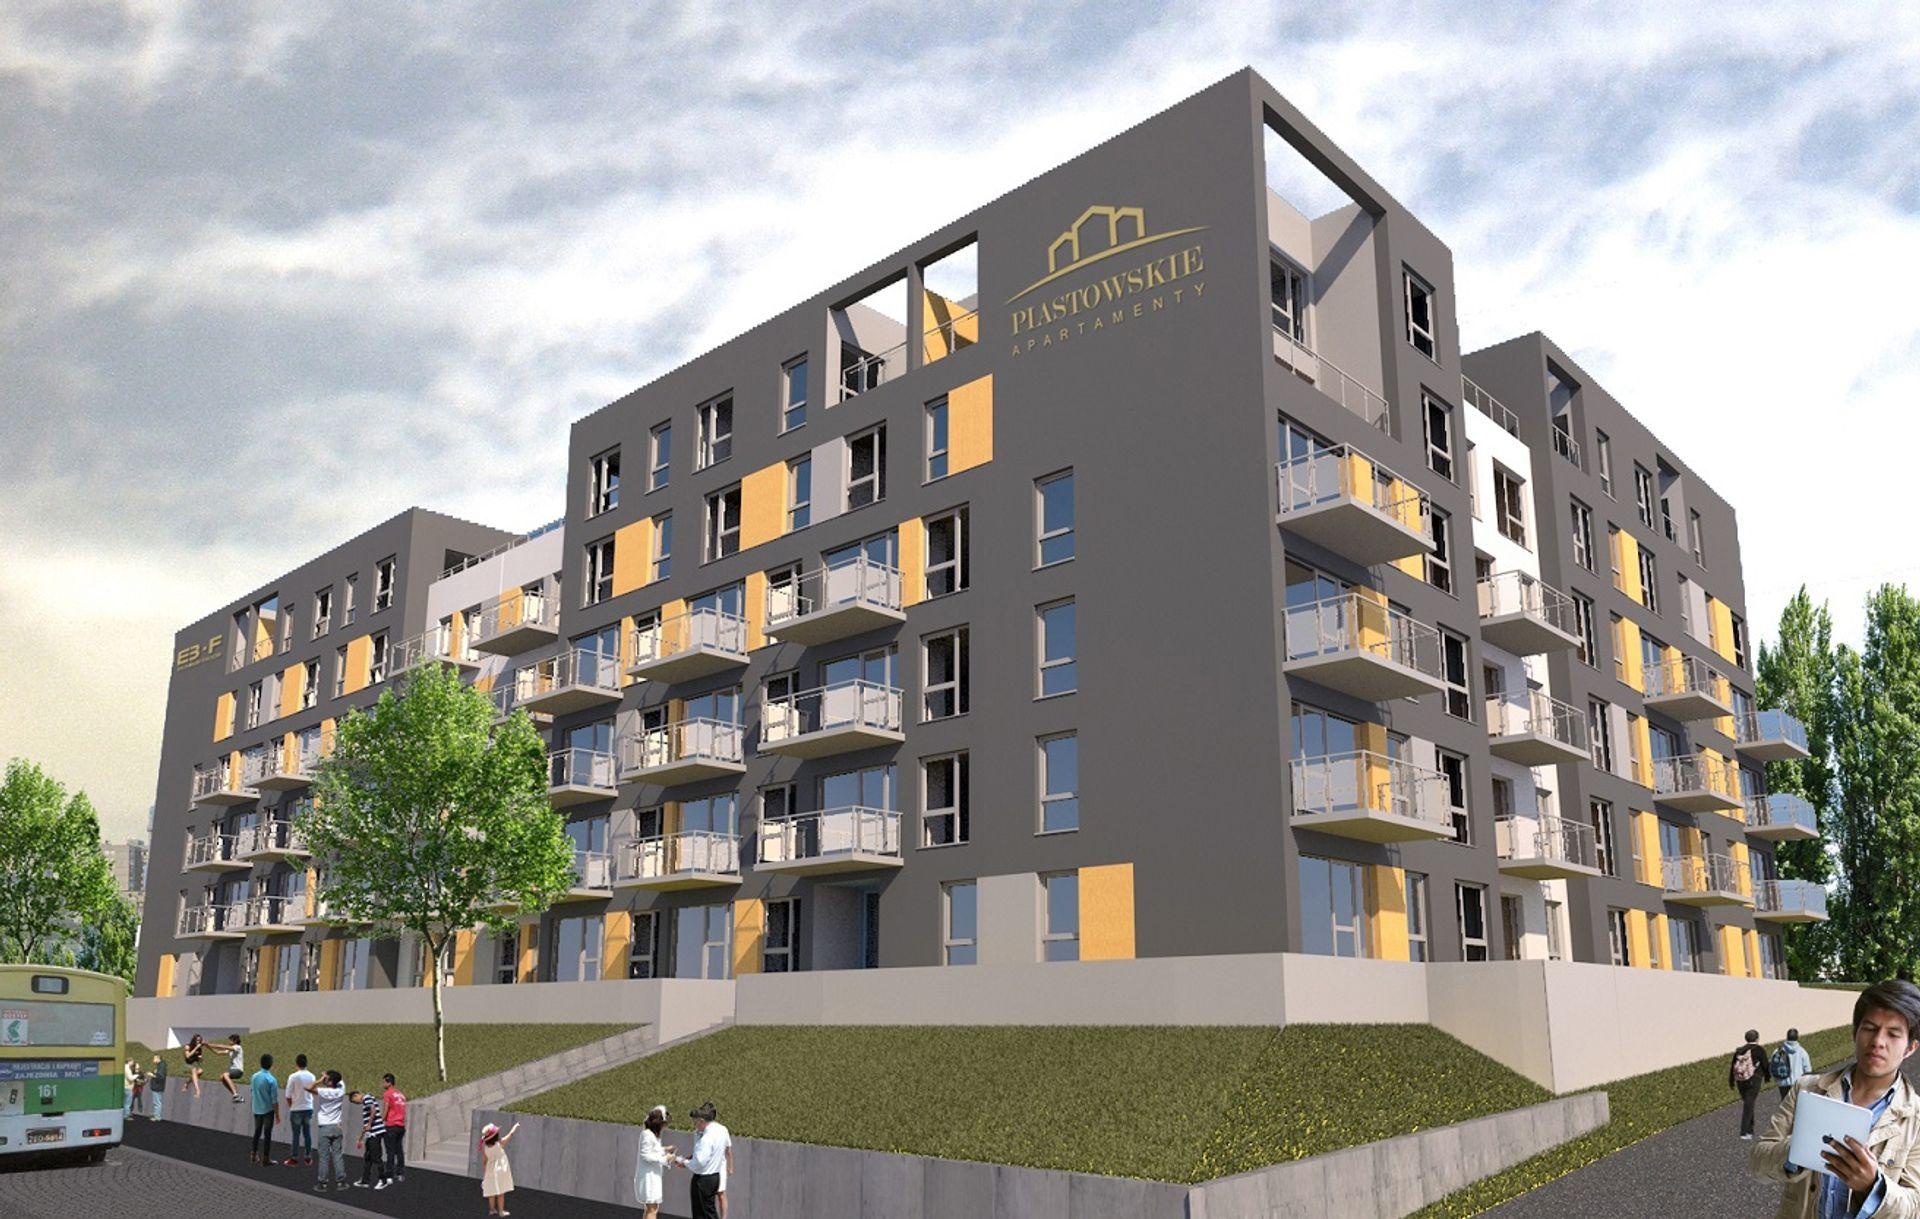 [Zielona Góra] Piastowskie Apartamenty na ukończeniu